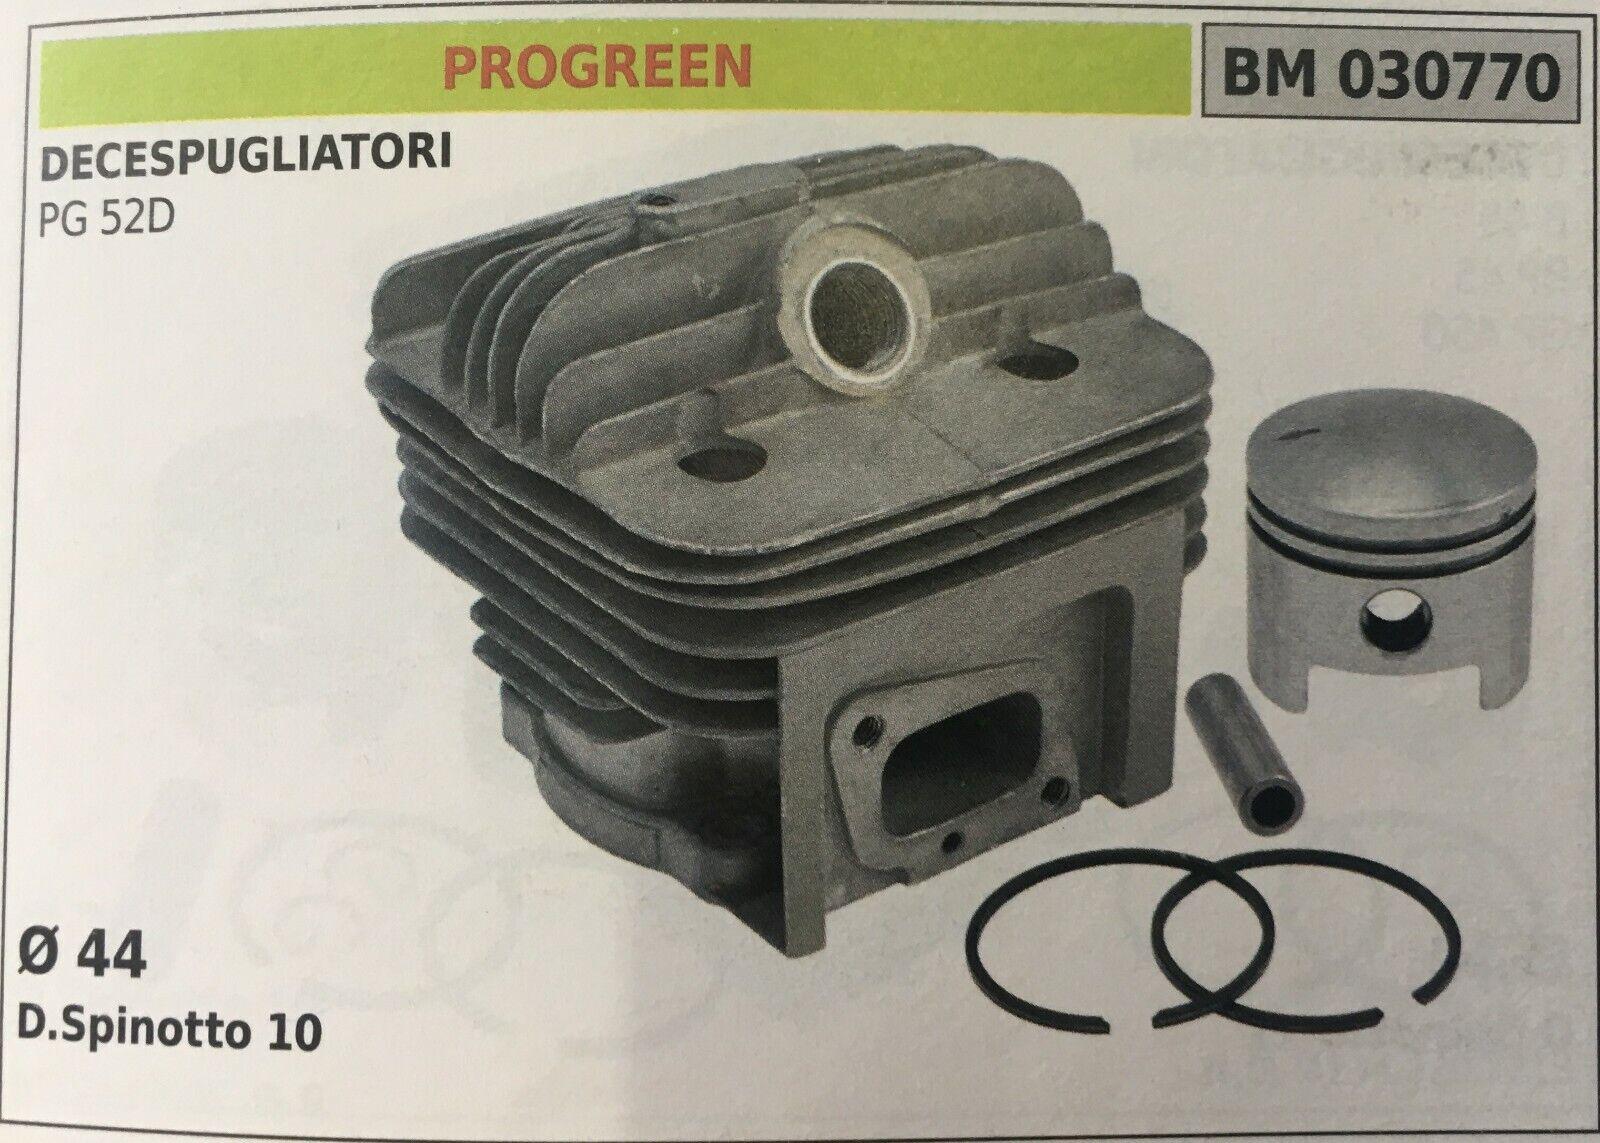 Cilindro Completo por Pistón y Segmentos Brumar BM030770 Proverde